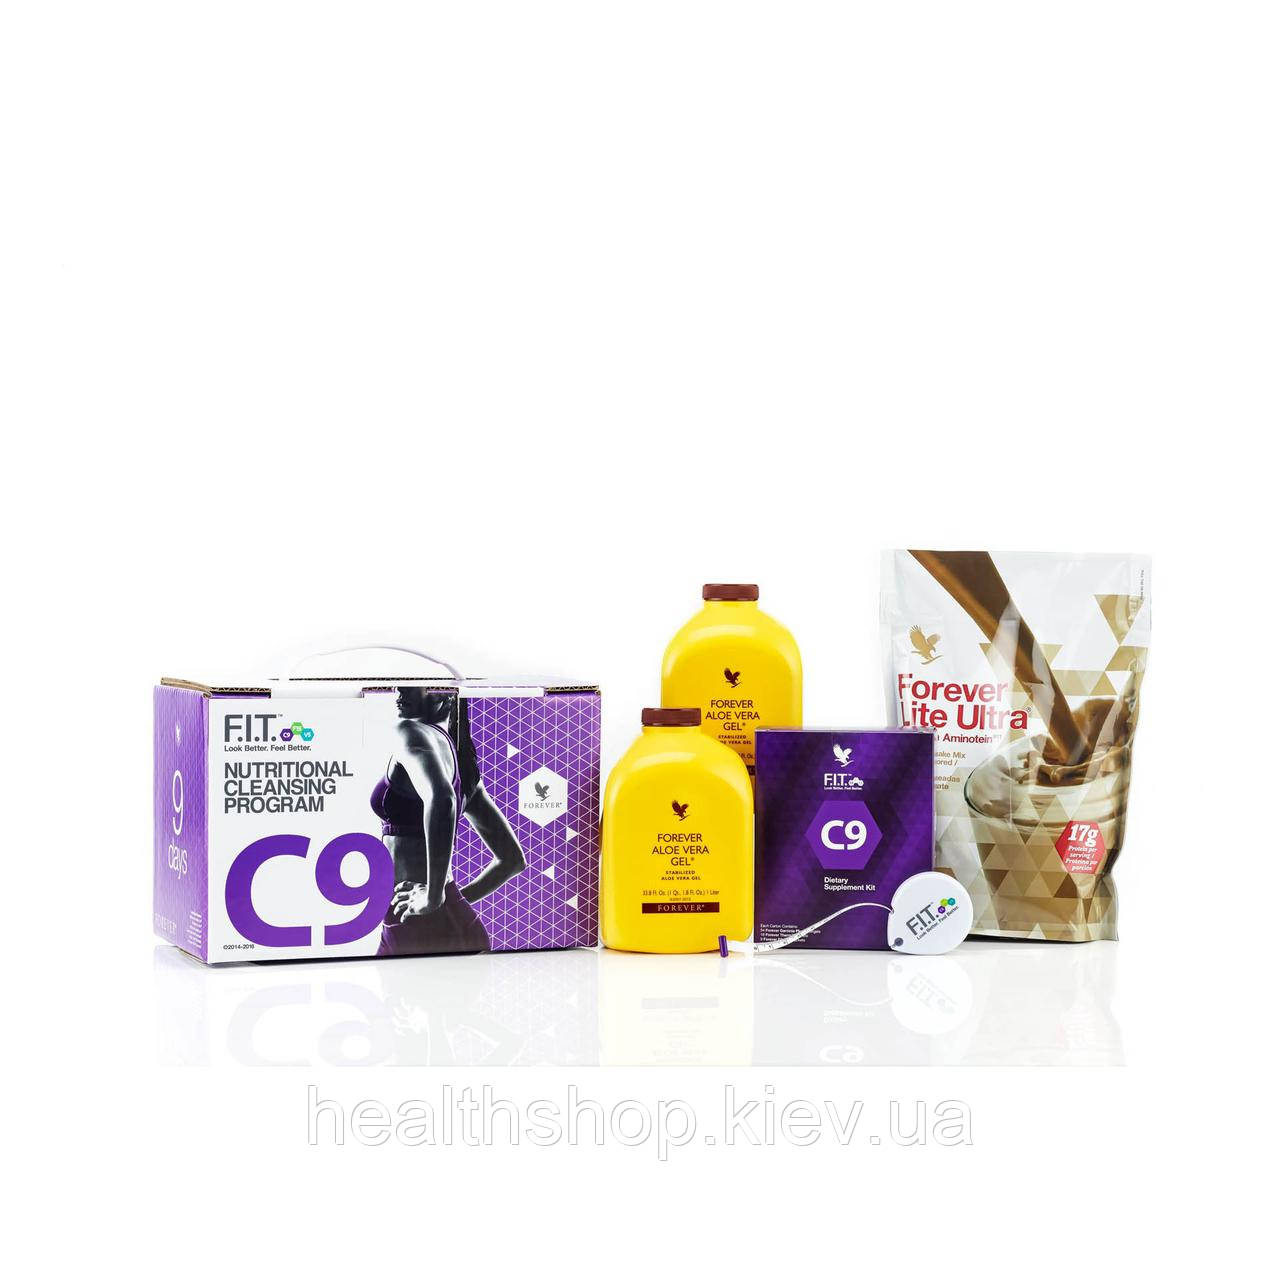 Программа похудения С9 (шоколад)